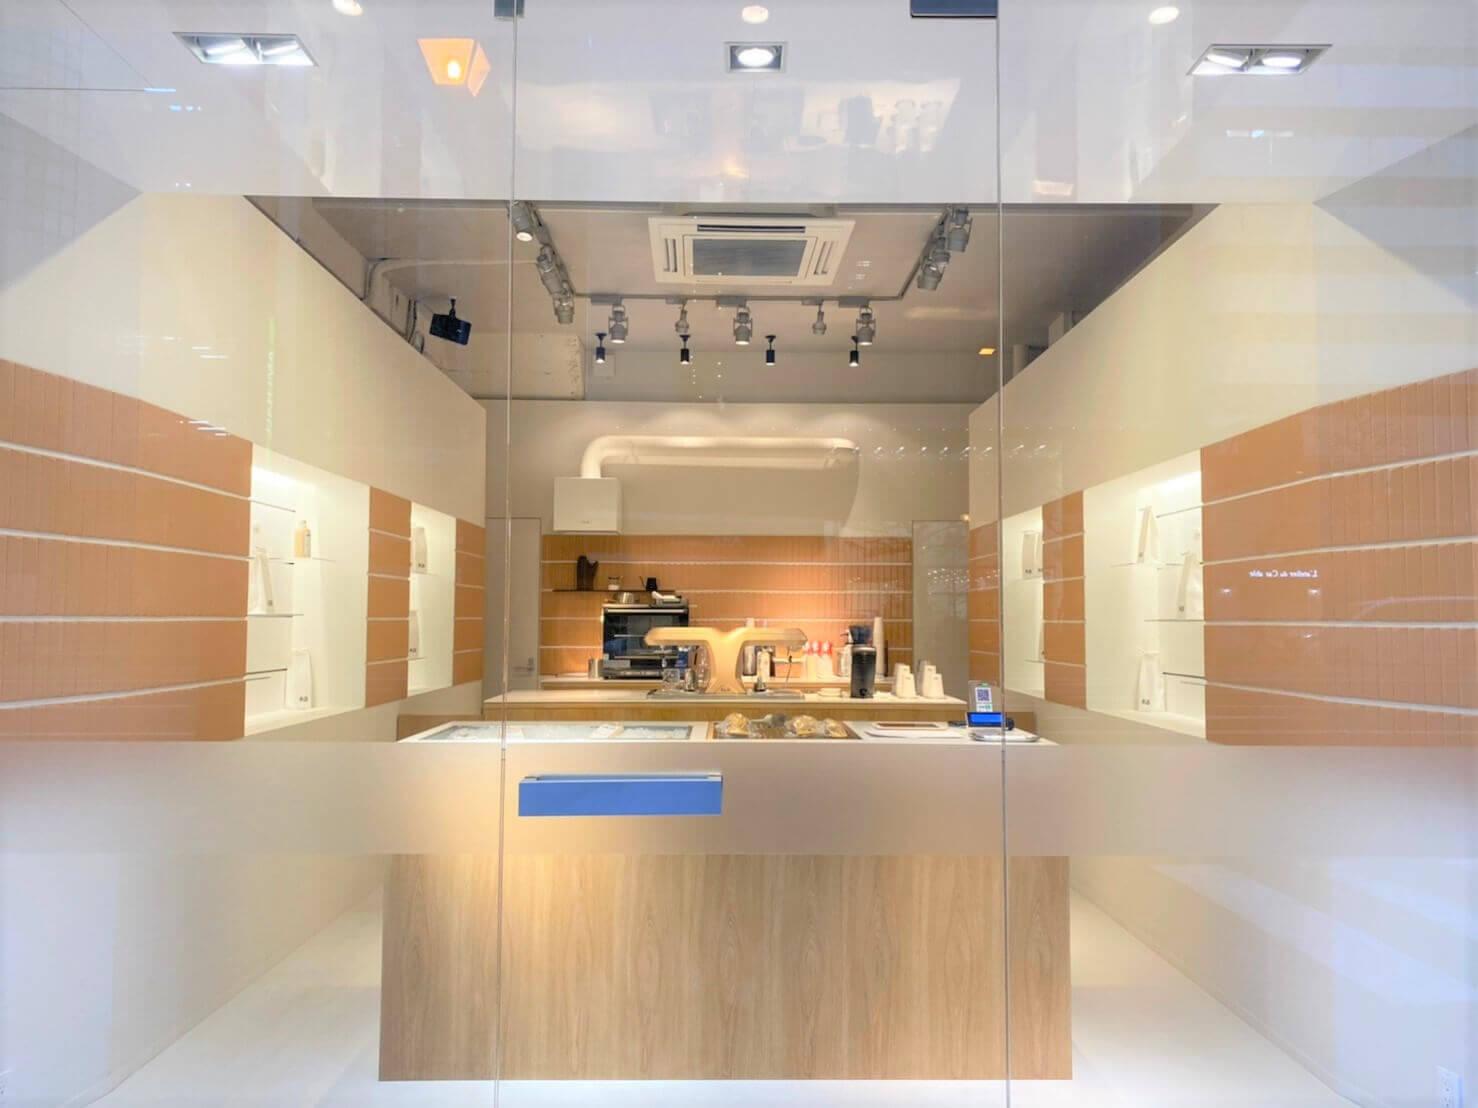 Cha Aoyama(チャ 青山)の店舗写真